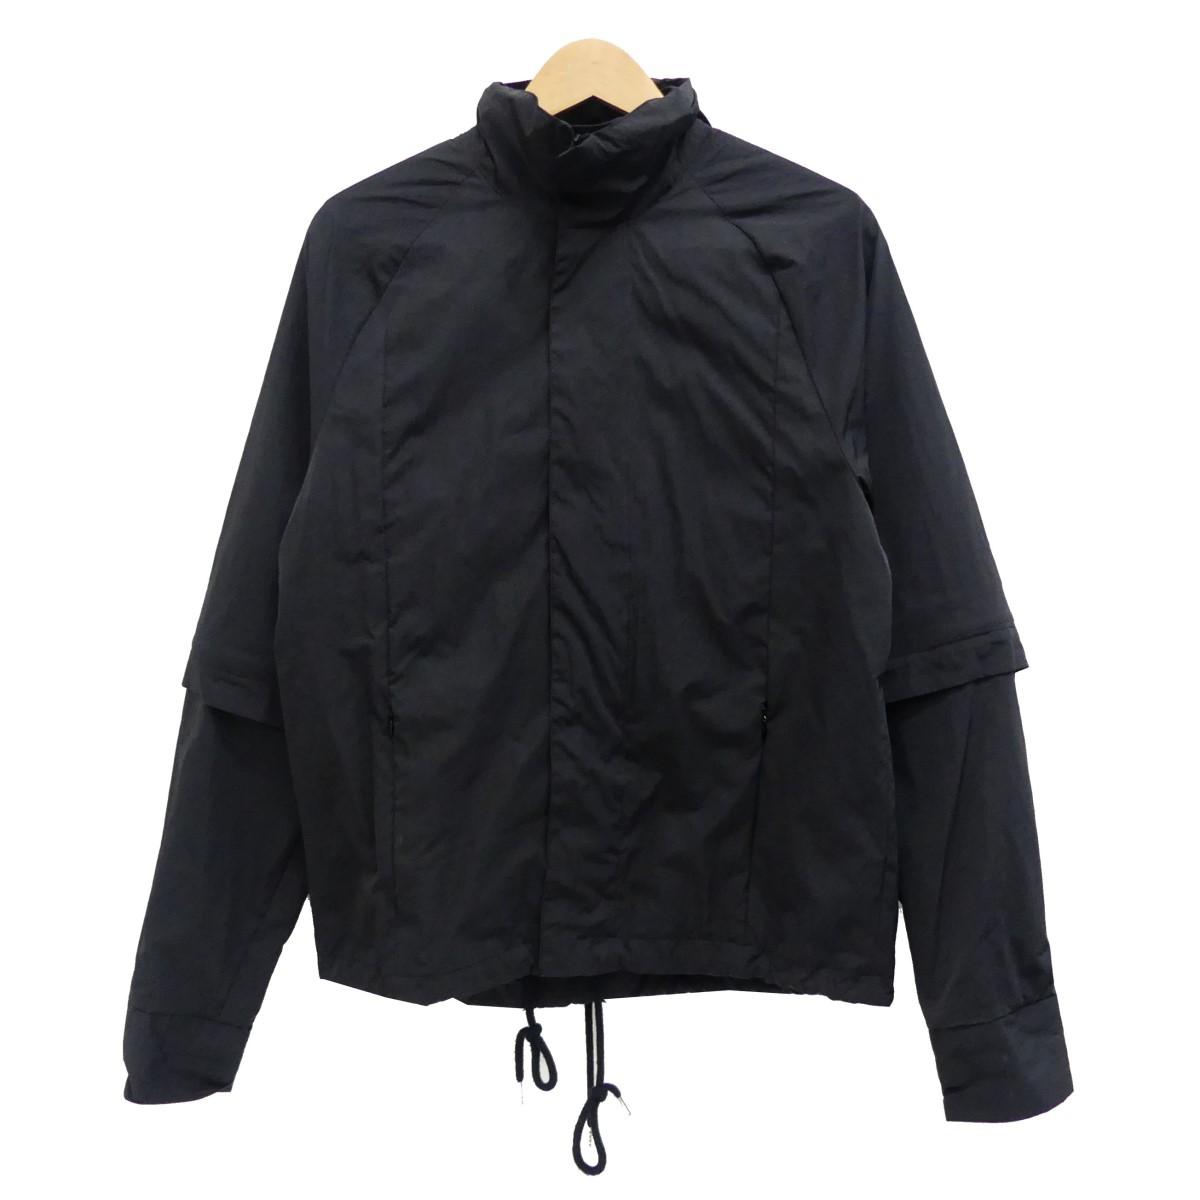 【中古】COTTWEILER ジップアップジャケット ブラック サイズ:M 【140420】(コットワイラー)